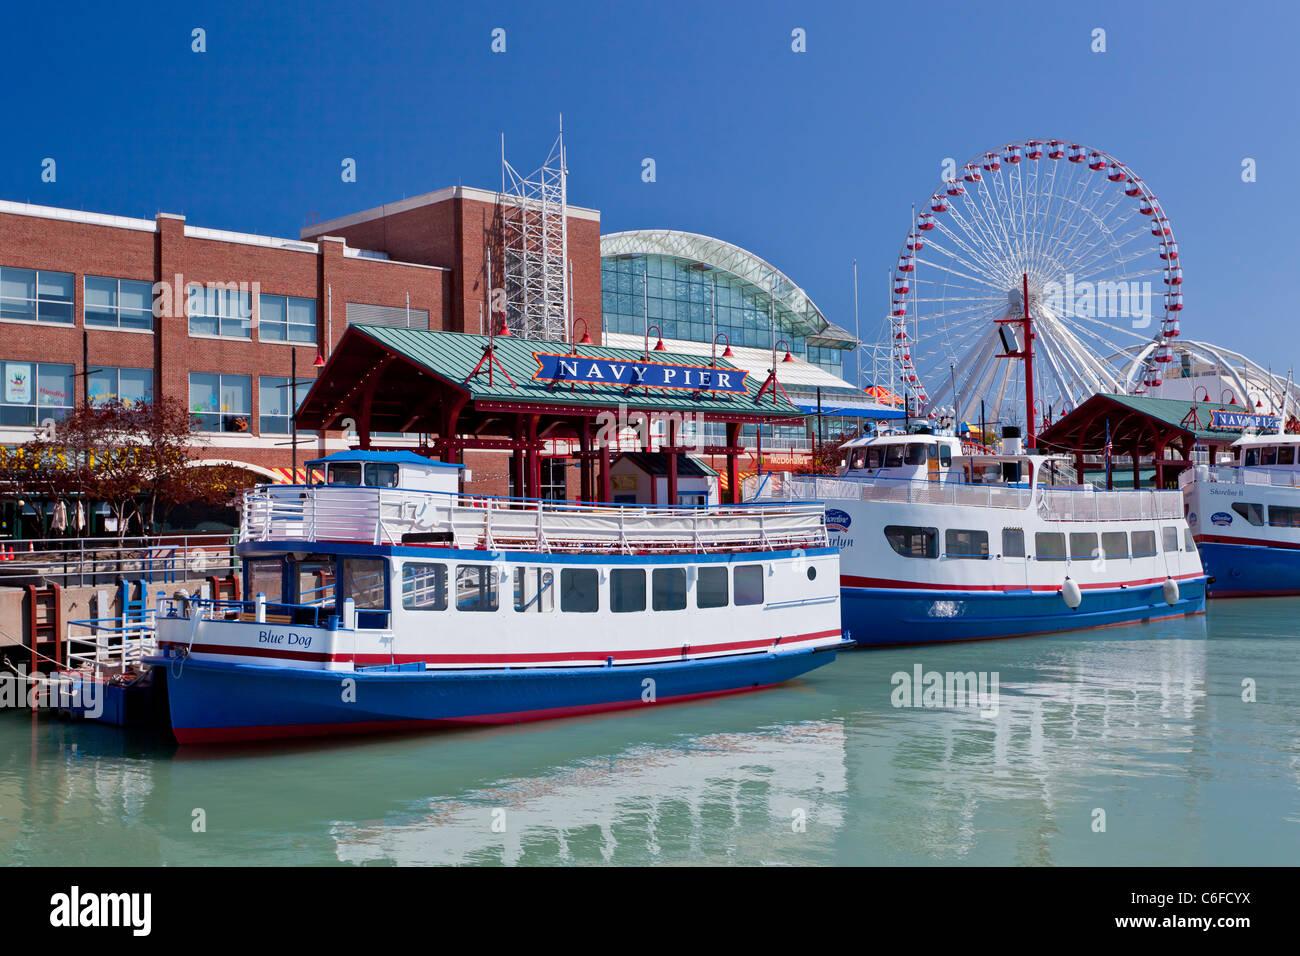 Les bateaux d'excursion à Navy Pier à Chicago, Illinois, USA. Photo Stock